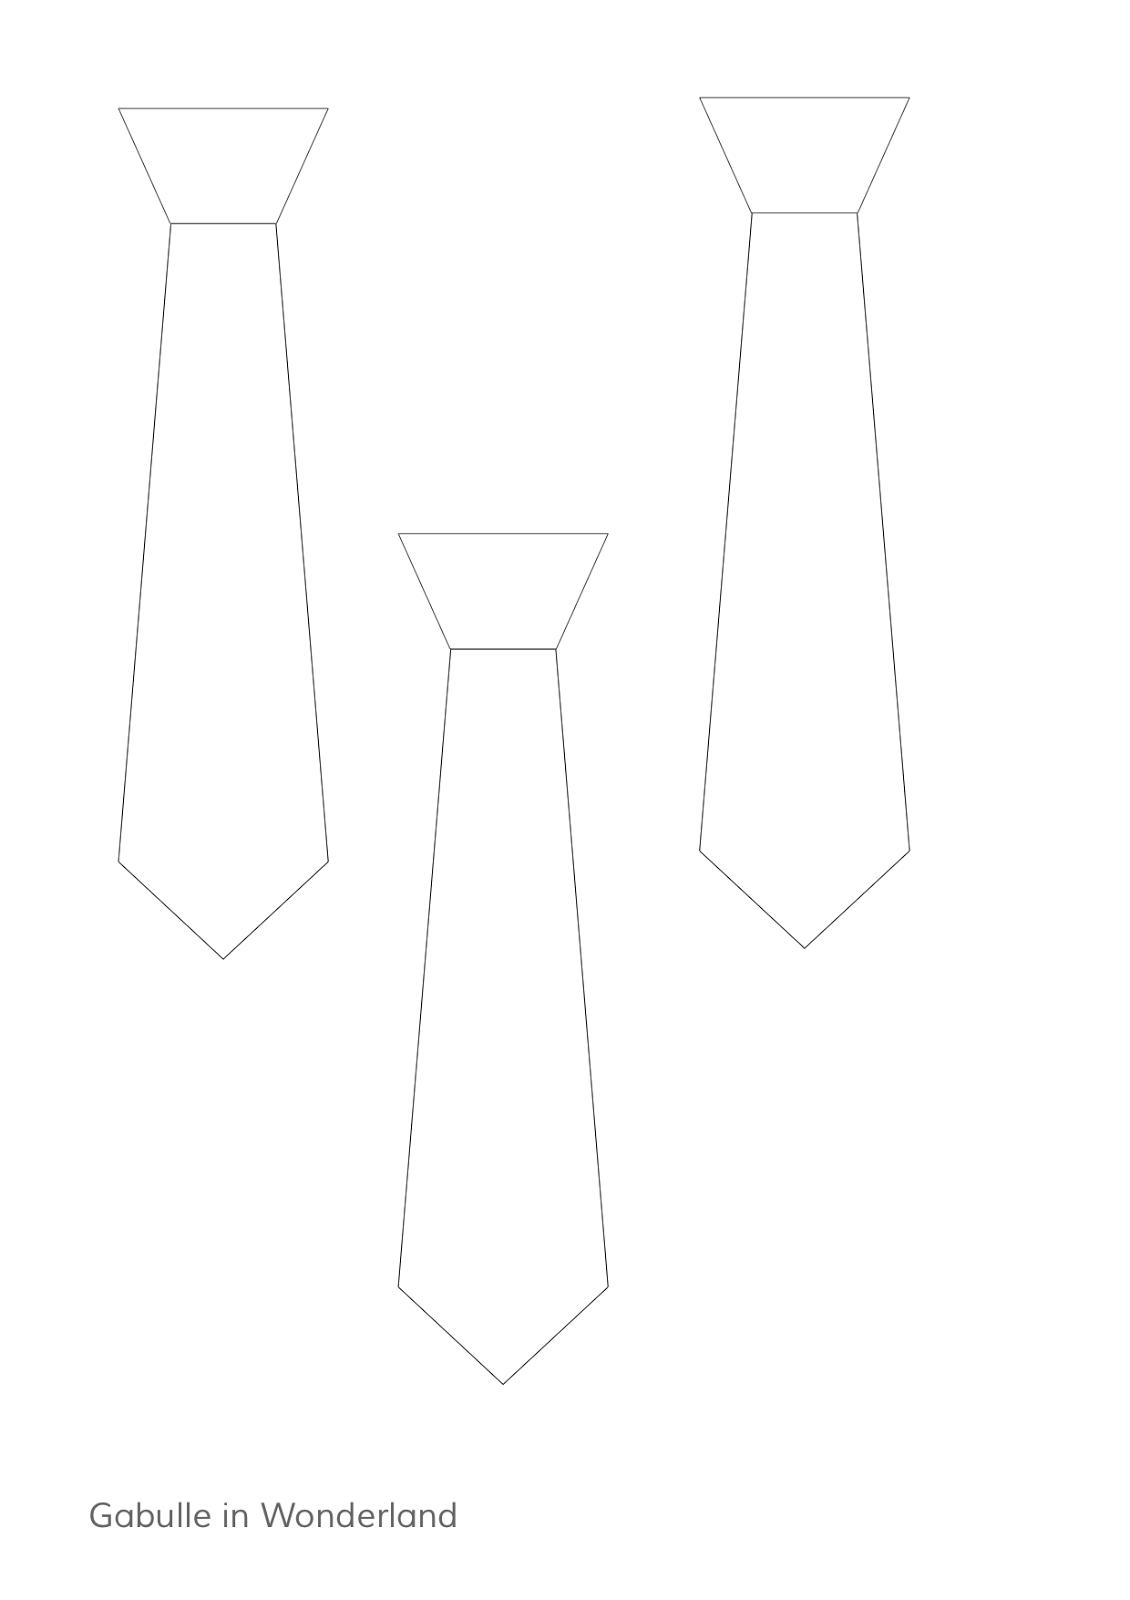 Gabulle in wonderland diy du mercredi marque page cravate d corer pour la f te des p res - Cravate dessin ...